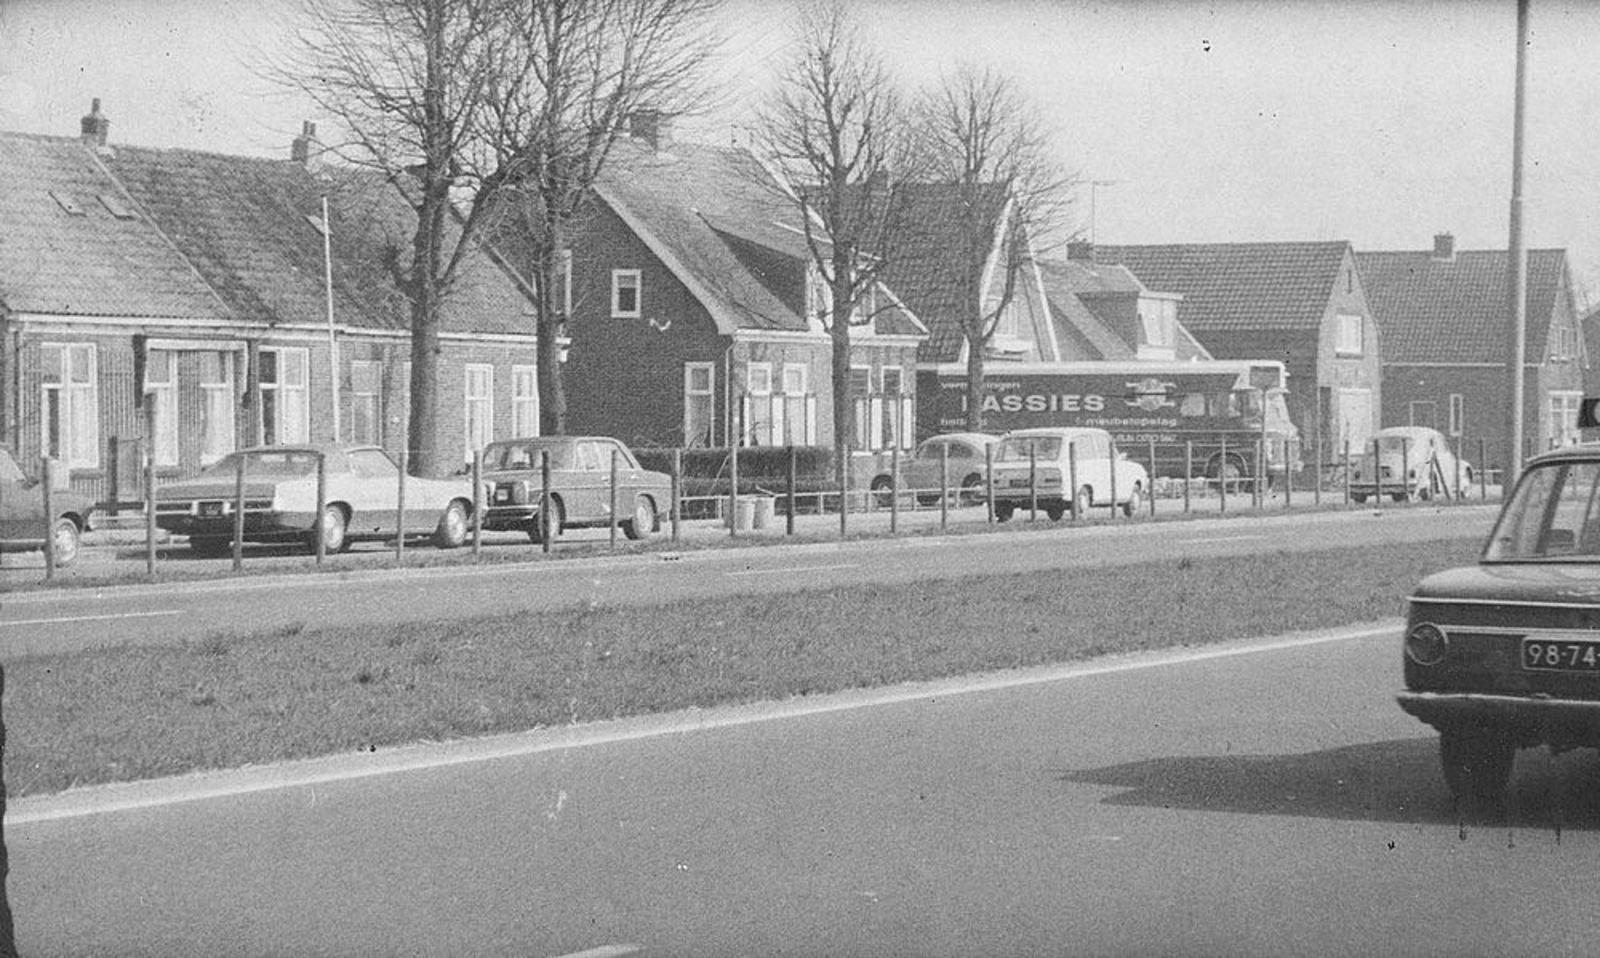 Kruisweg N 0391- 1972 tijdens Snelheidscontrole